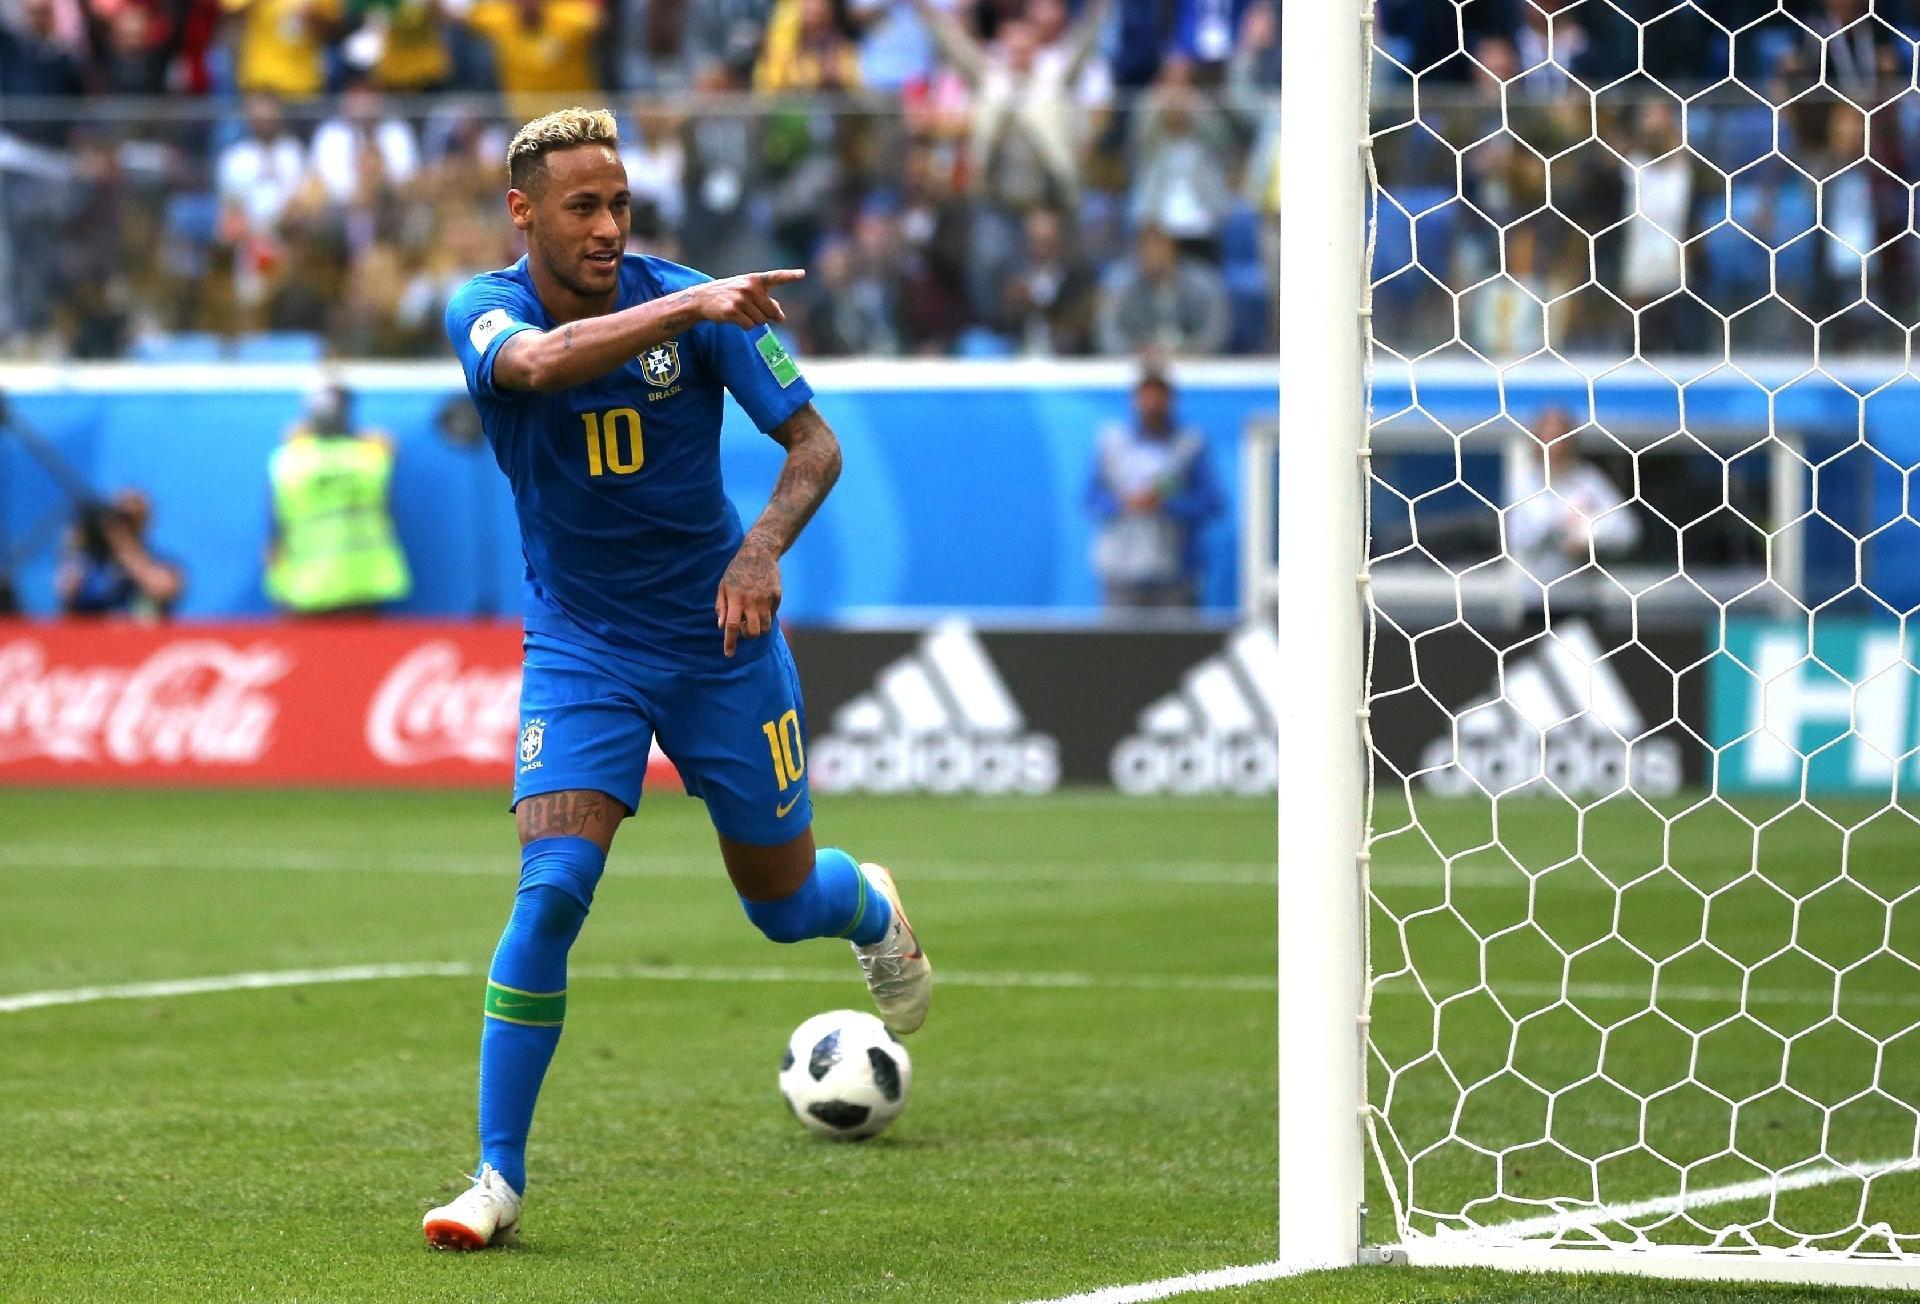 Neymar supera Romário em gols pela seleção brasileira - 22 06 2018 - UOL  Esporte 2ac86ac92f4f9